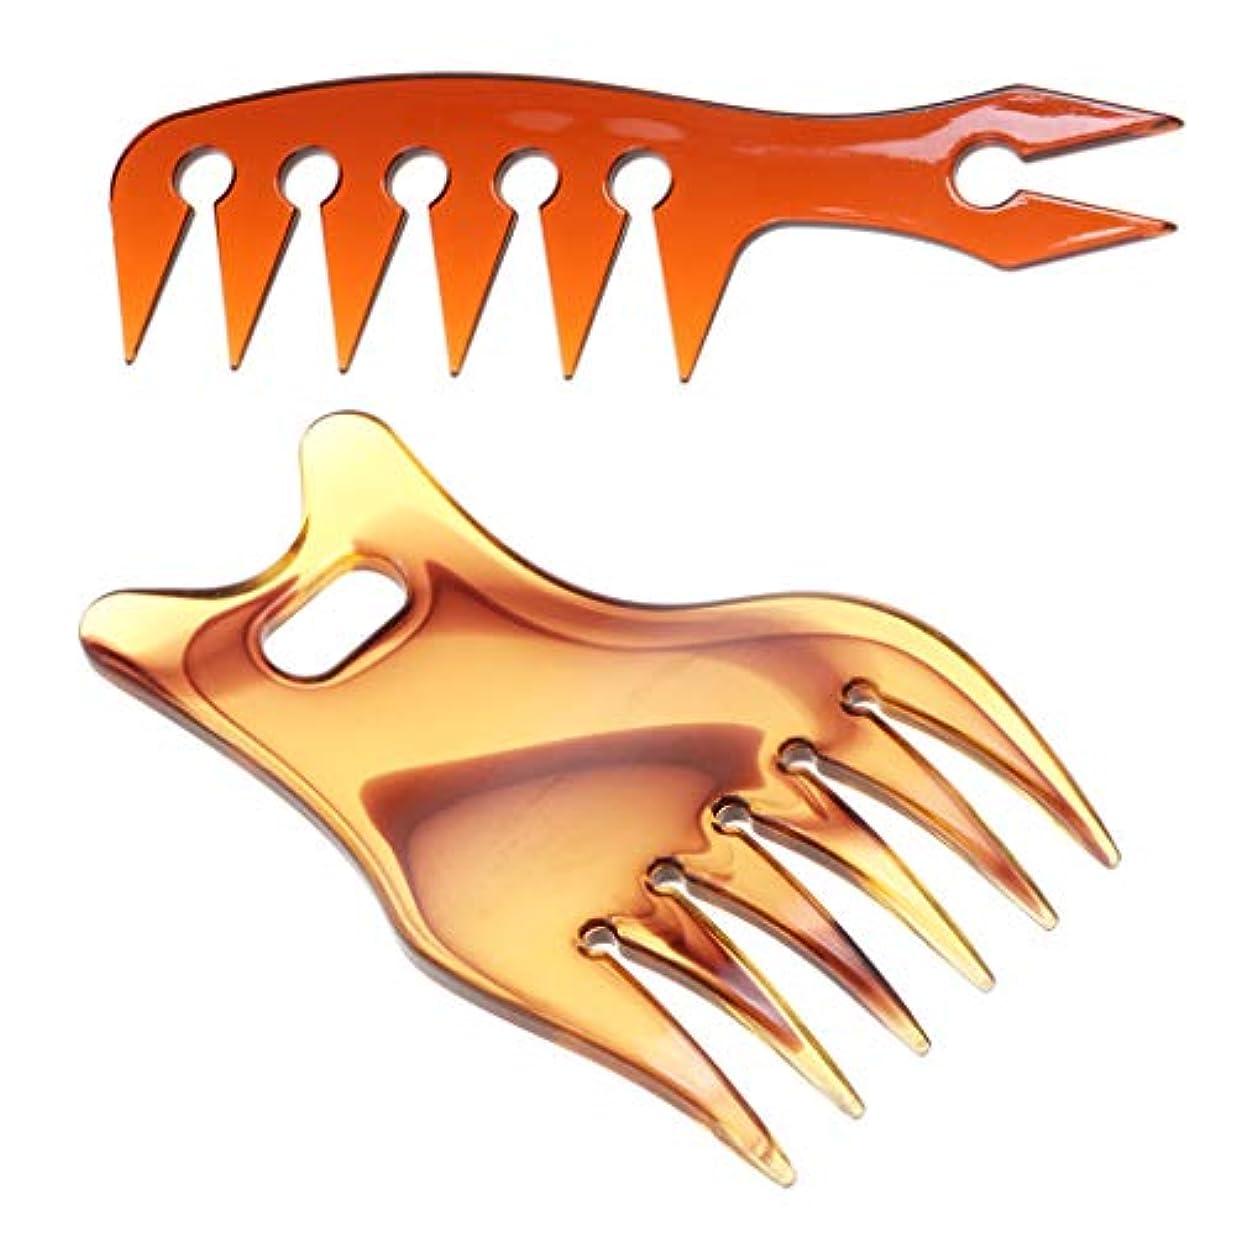 災難事前に体系的にヘアコーム オイリーヘアコーム 広い歯 毛櫛 ヘアダイコーム プラスチック 帯電防止 耐熱性